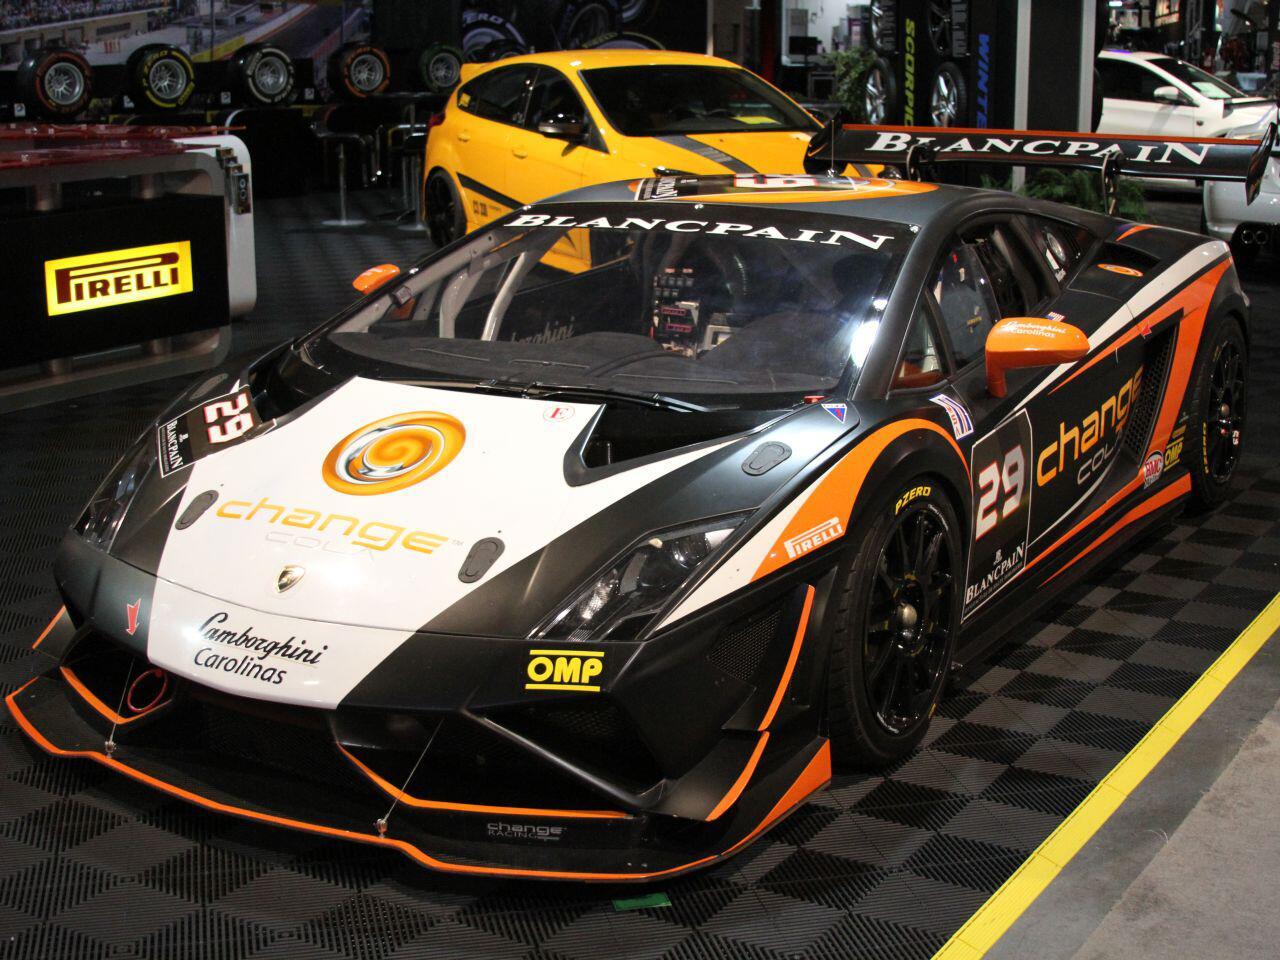 Bild zu Lamborghini Gallardo von Pirelli Tire: Hier geht vor allem optisch die Post ab